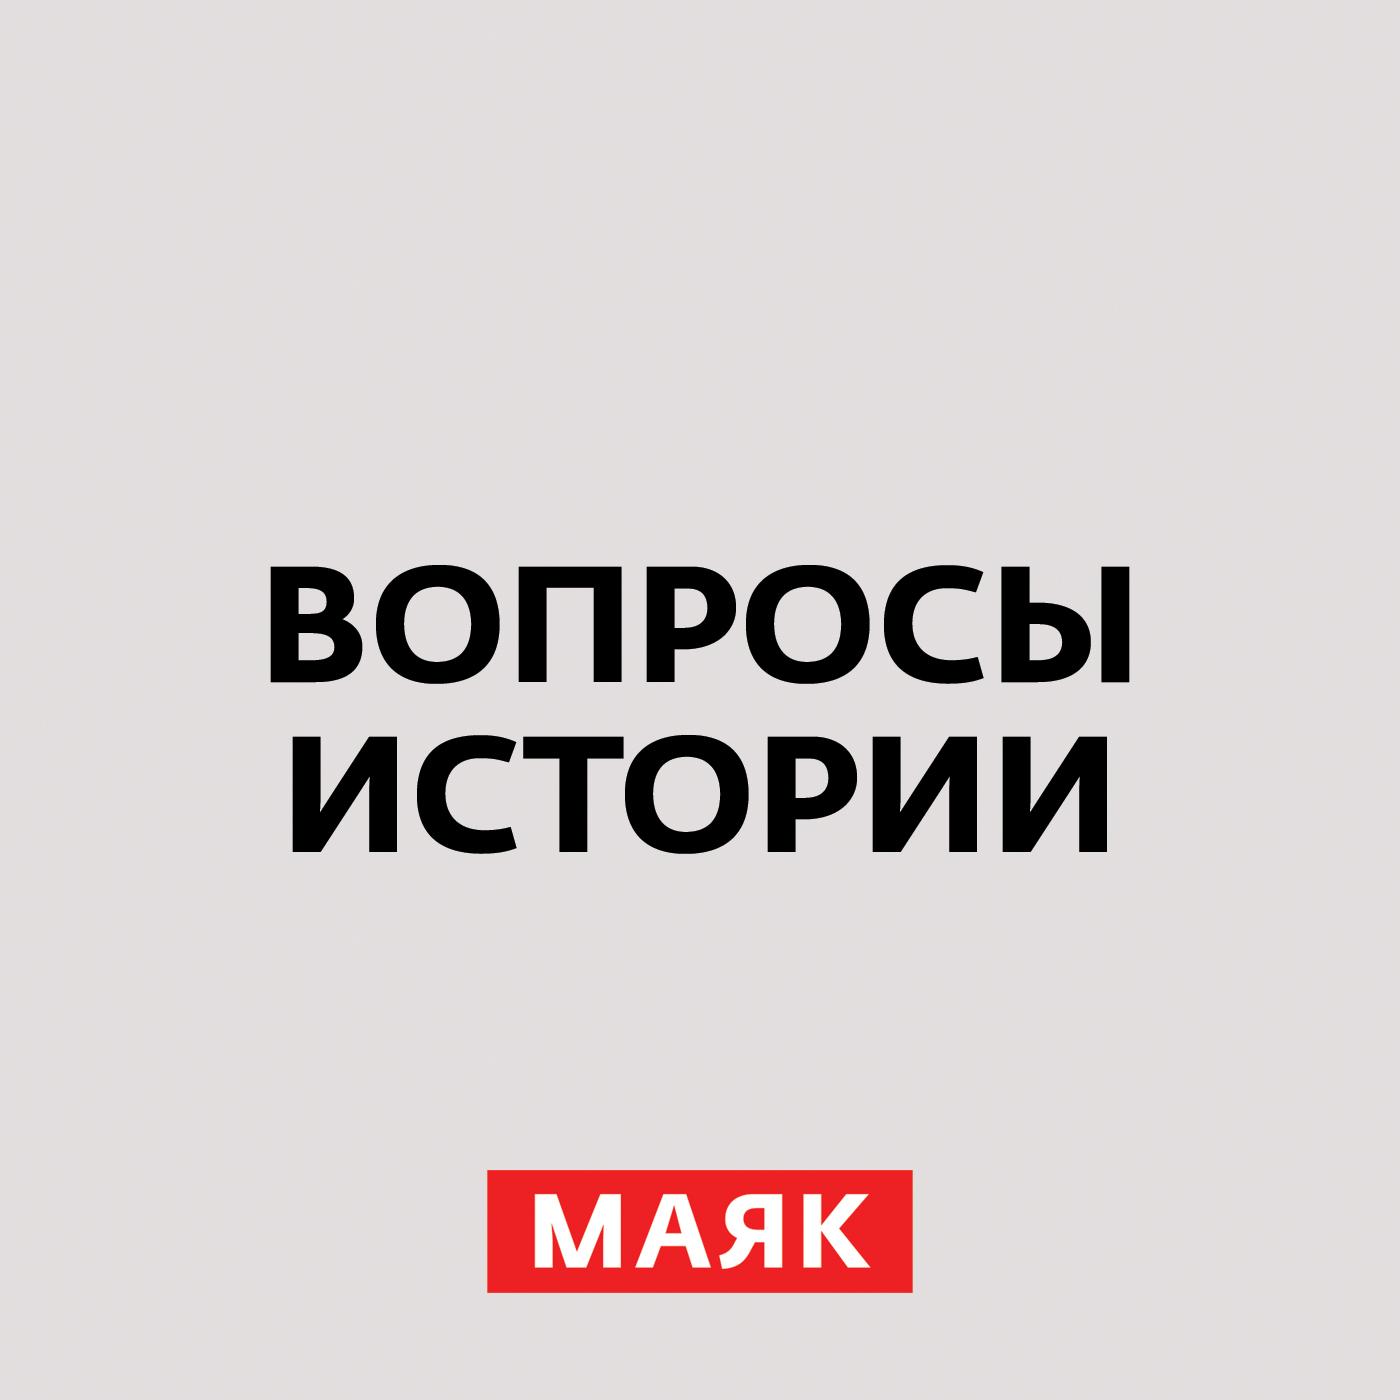 Андрей Светенко «Заговор генералов»: история неудачного покушения на Гитлера андрей светенко заговор против хрущева